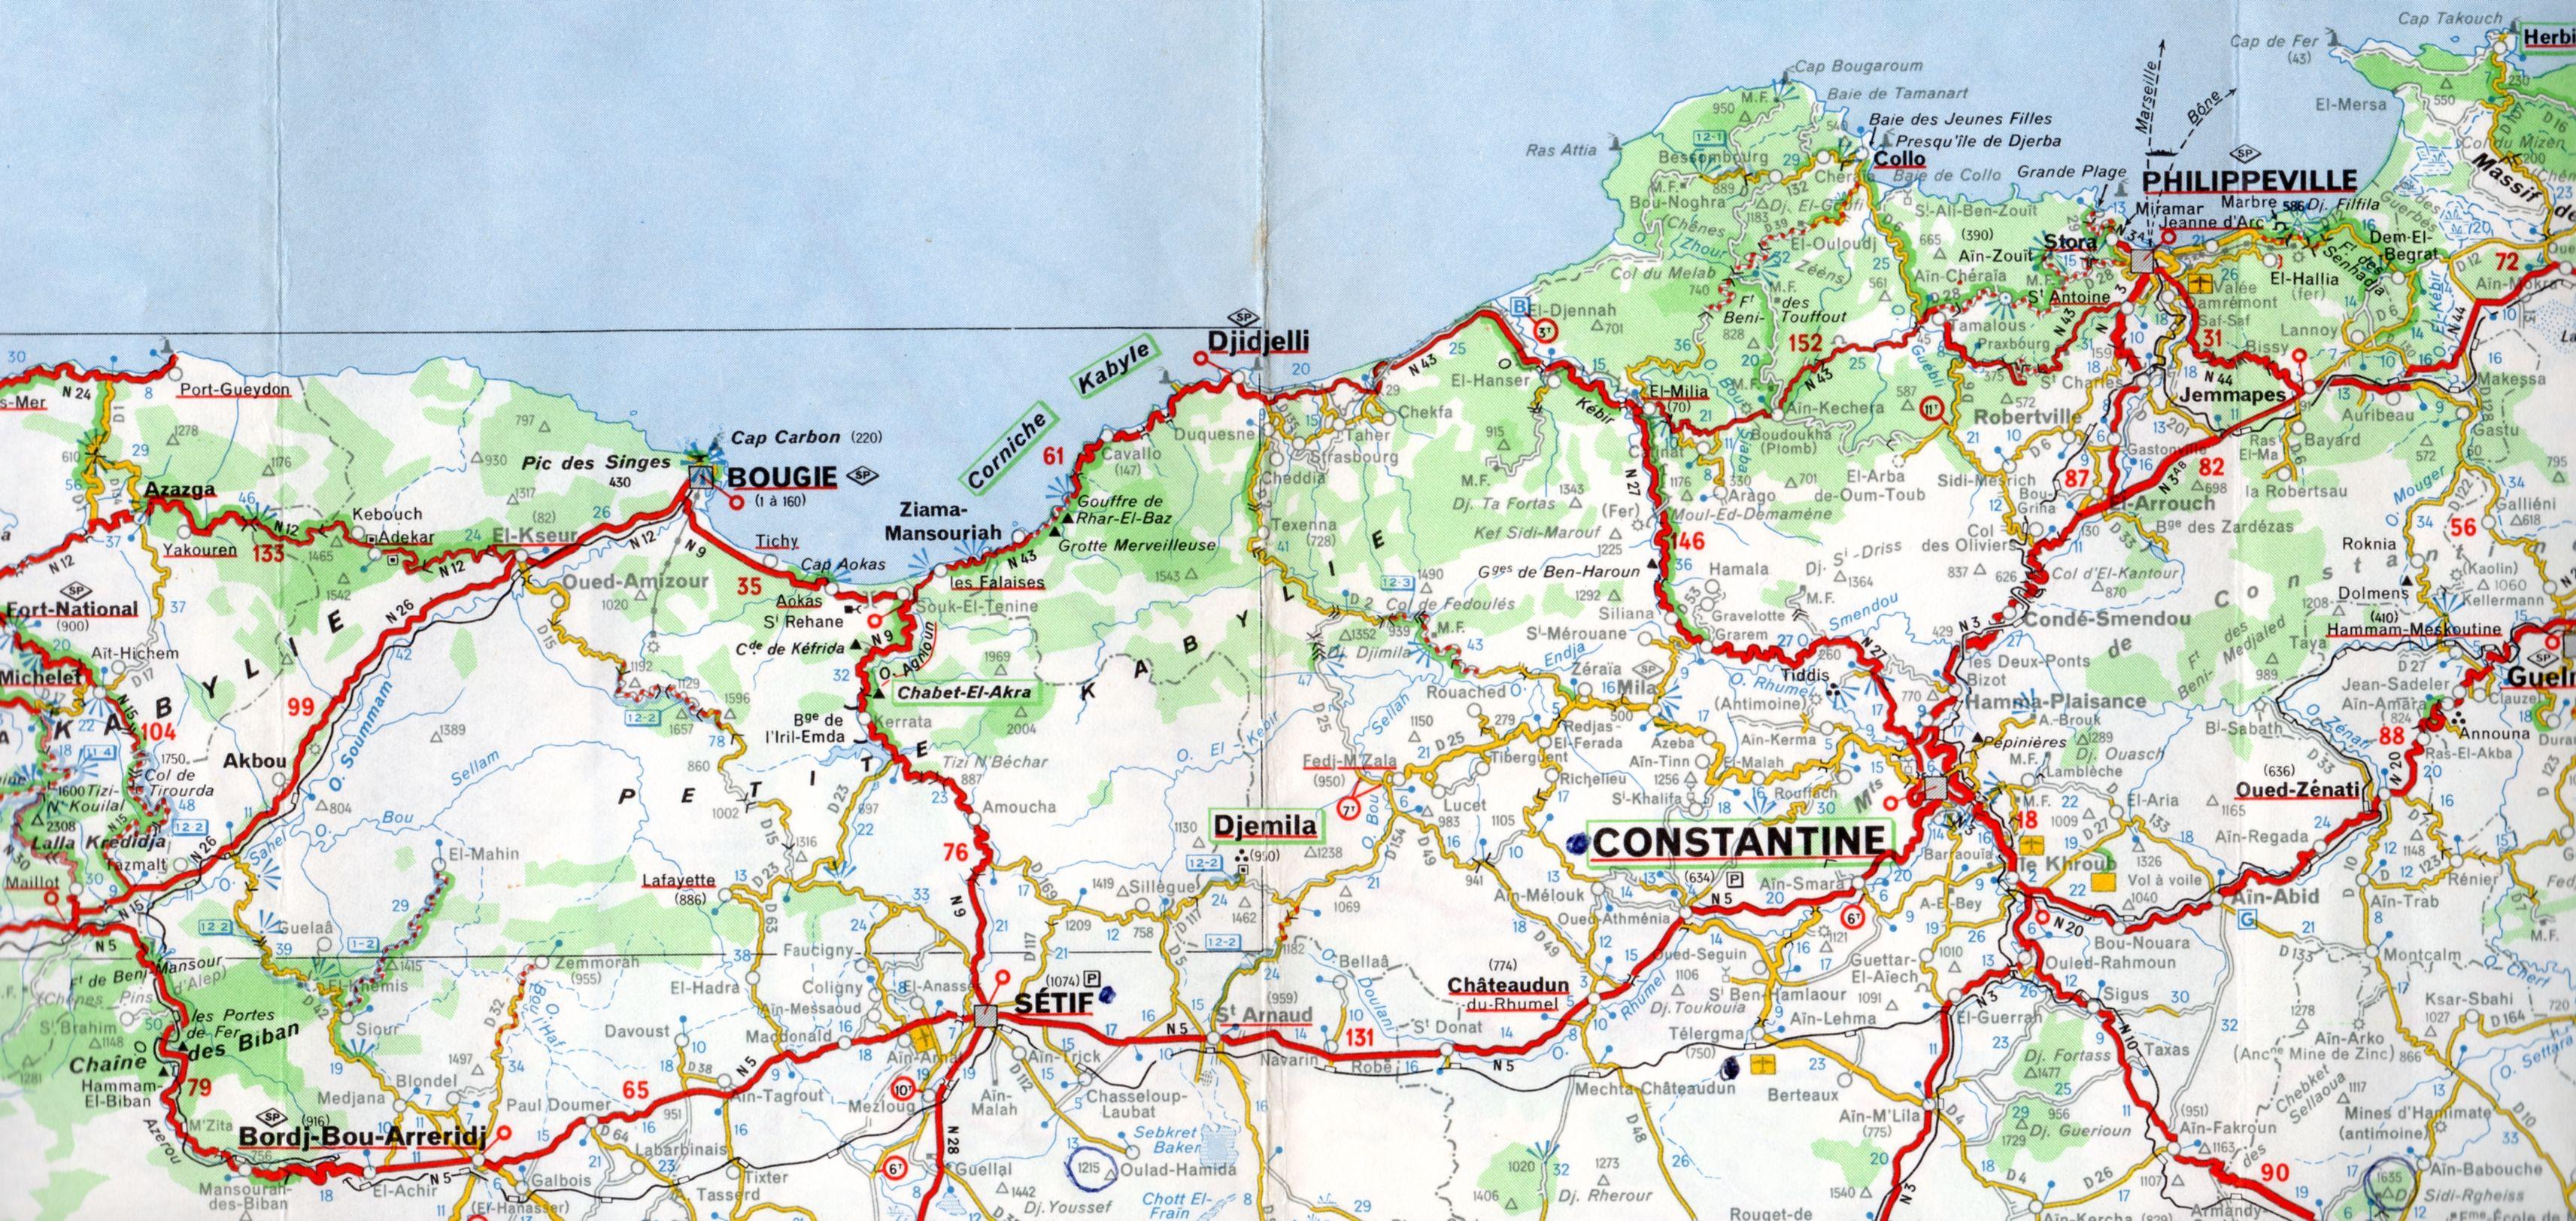 Carte Geographique De Lalgerie.Plans Schema Quartier Rues Alger Roi Fr